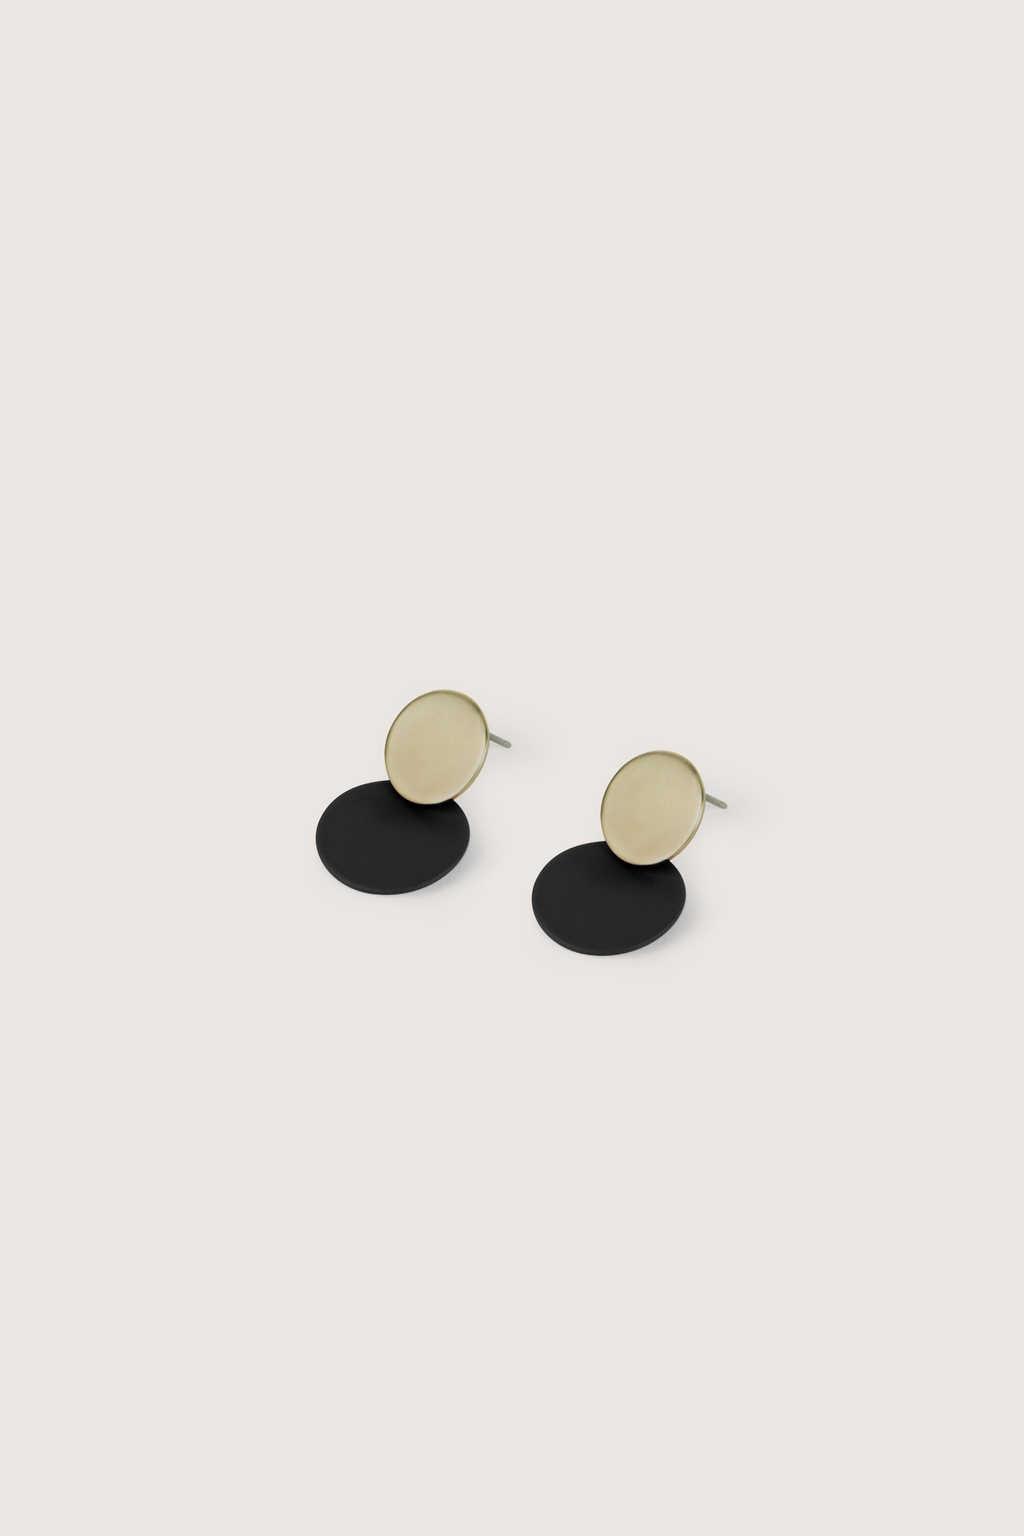 Earring H250 Black 2